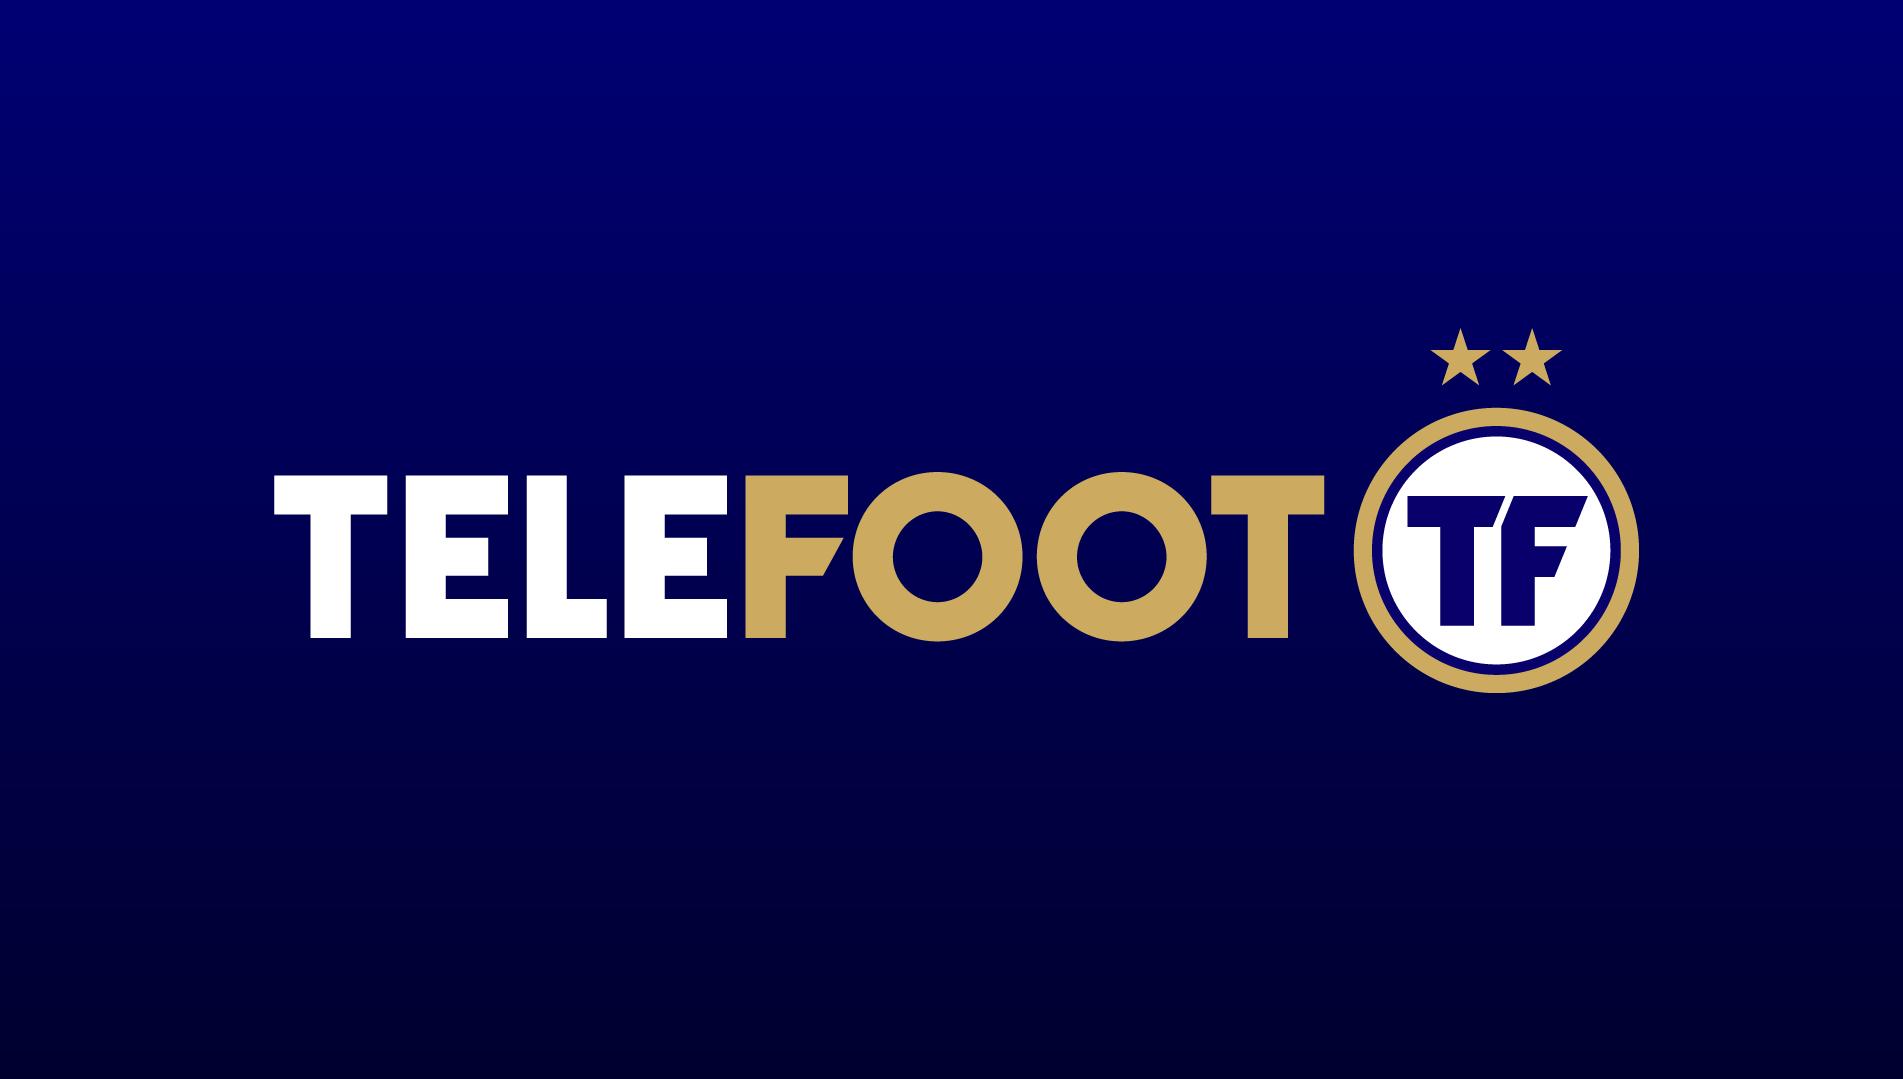 Mediapro et TF1 s'associent : Téléfoot la nouvelle chaîne de la Ligue 1 et de la Ligue 2